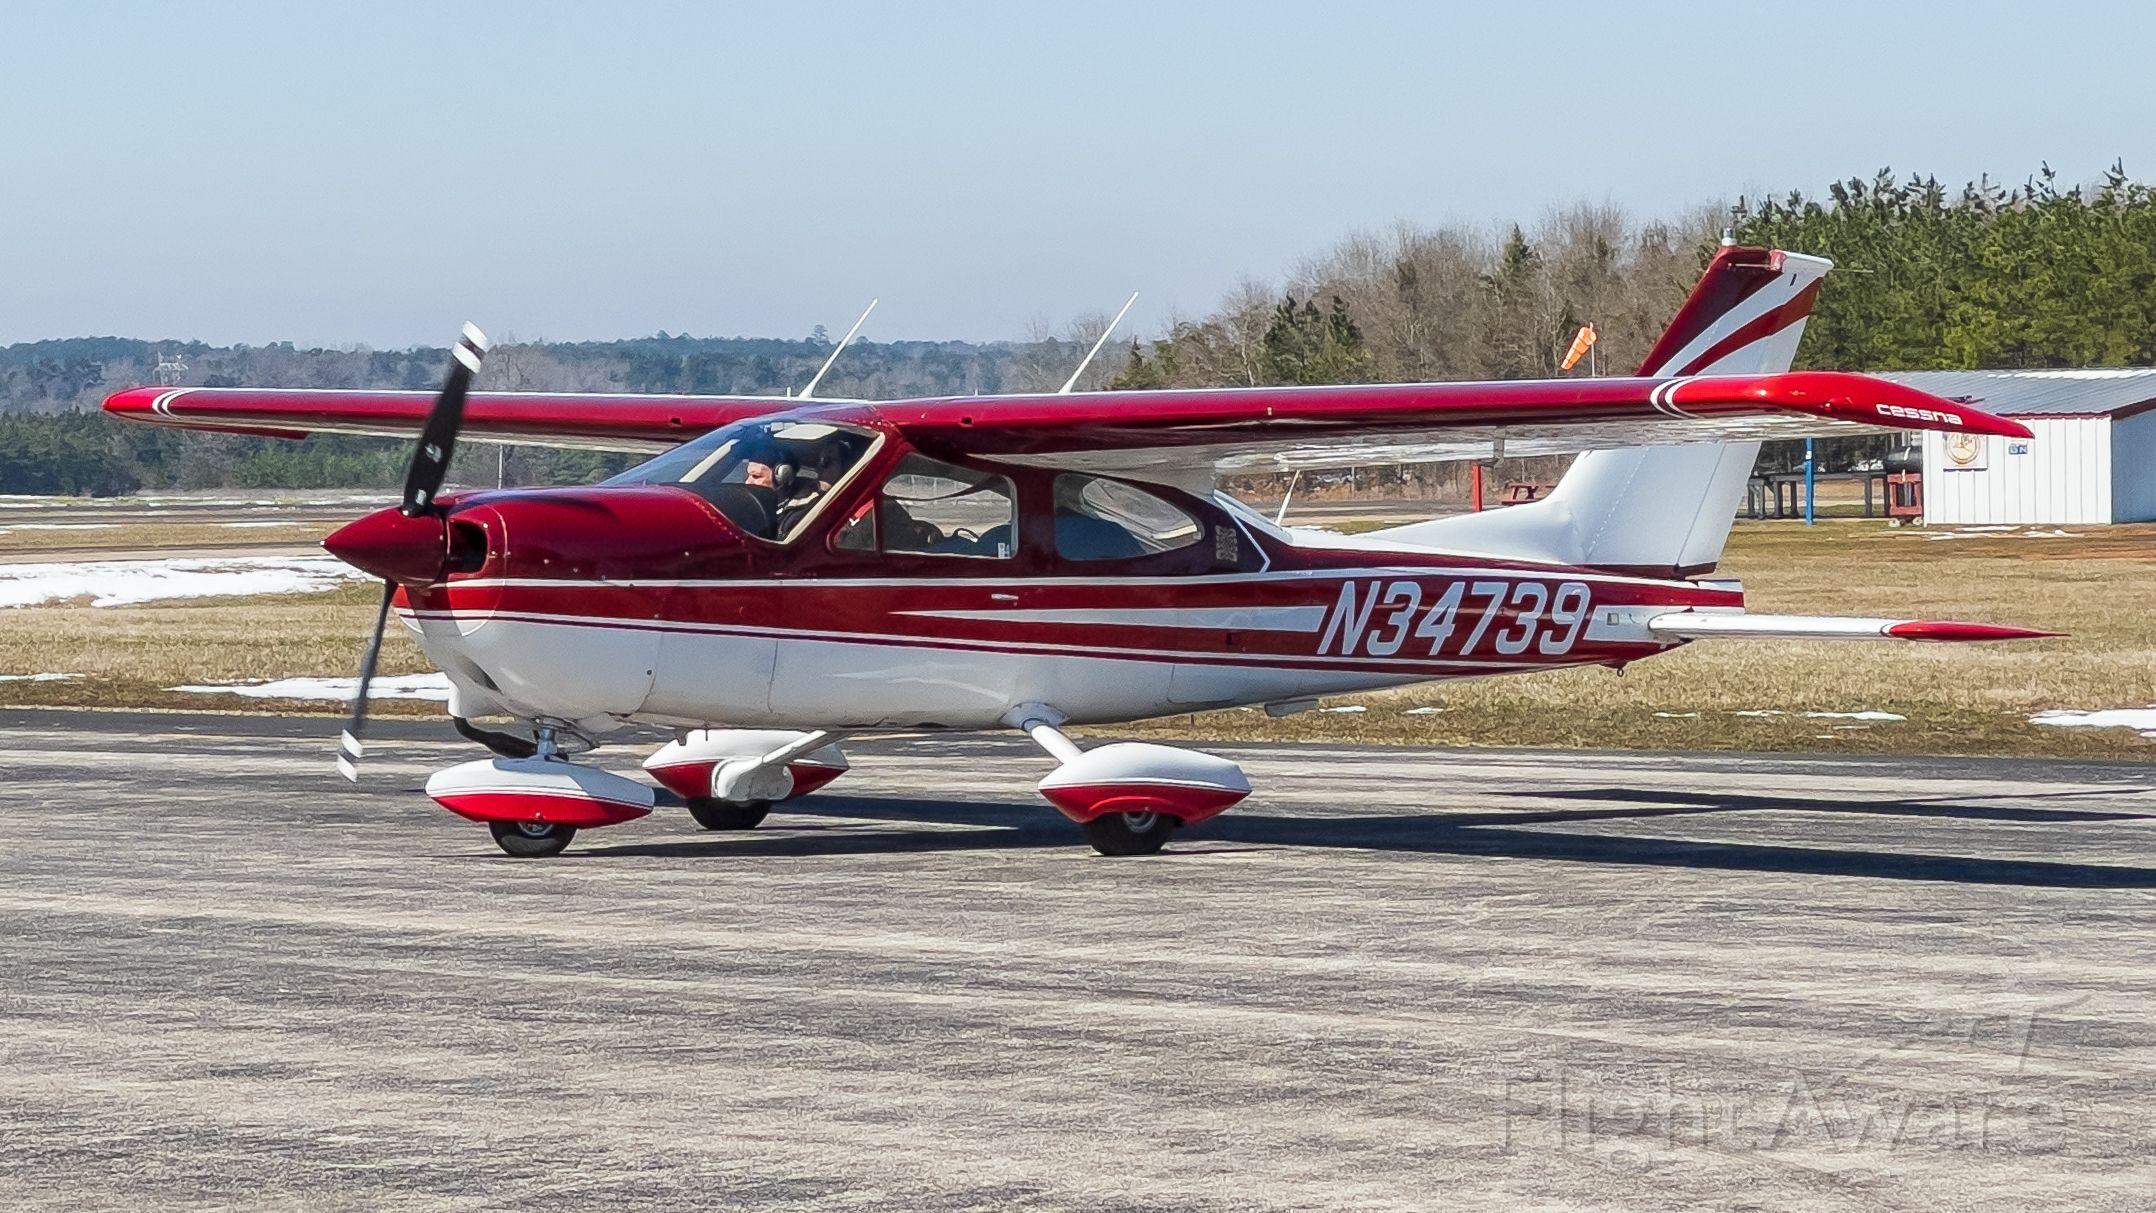 Cessna Cardinal (N34739)